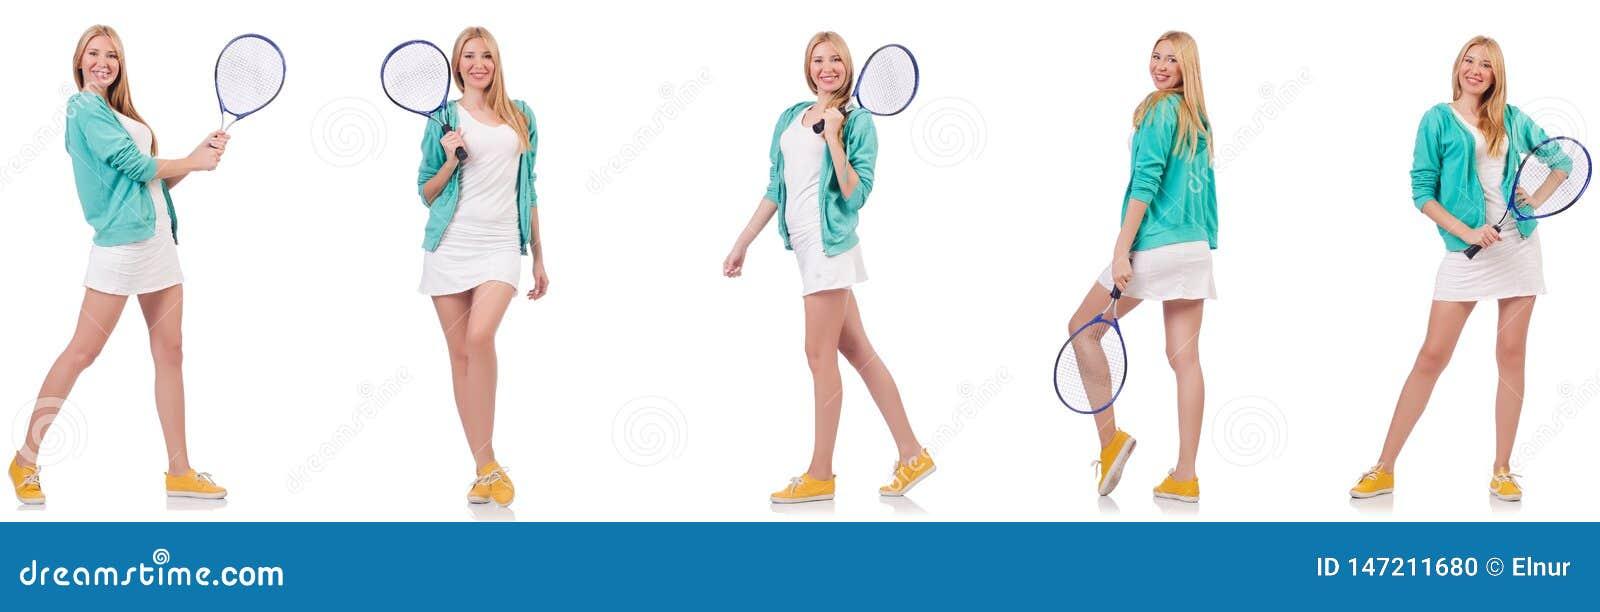 Η νέα όμορφη γυναικεία παίζοντας αντισφαίριση που απομονώνεται στο λευκό